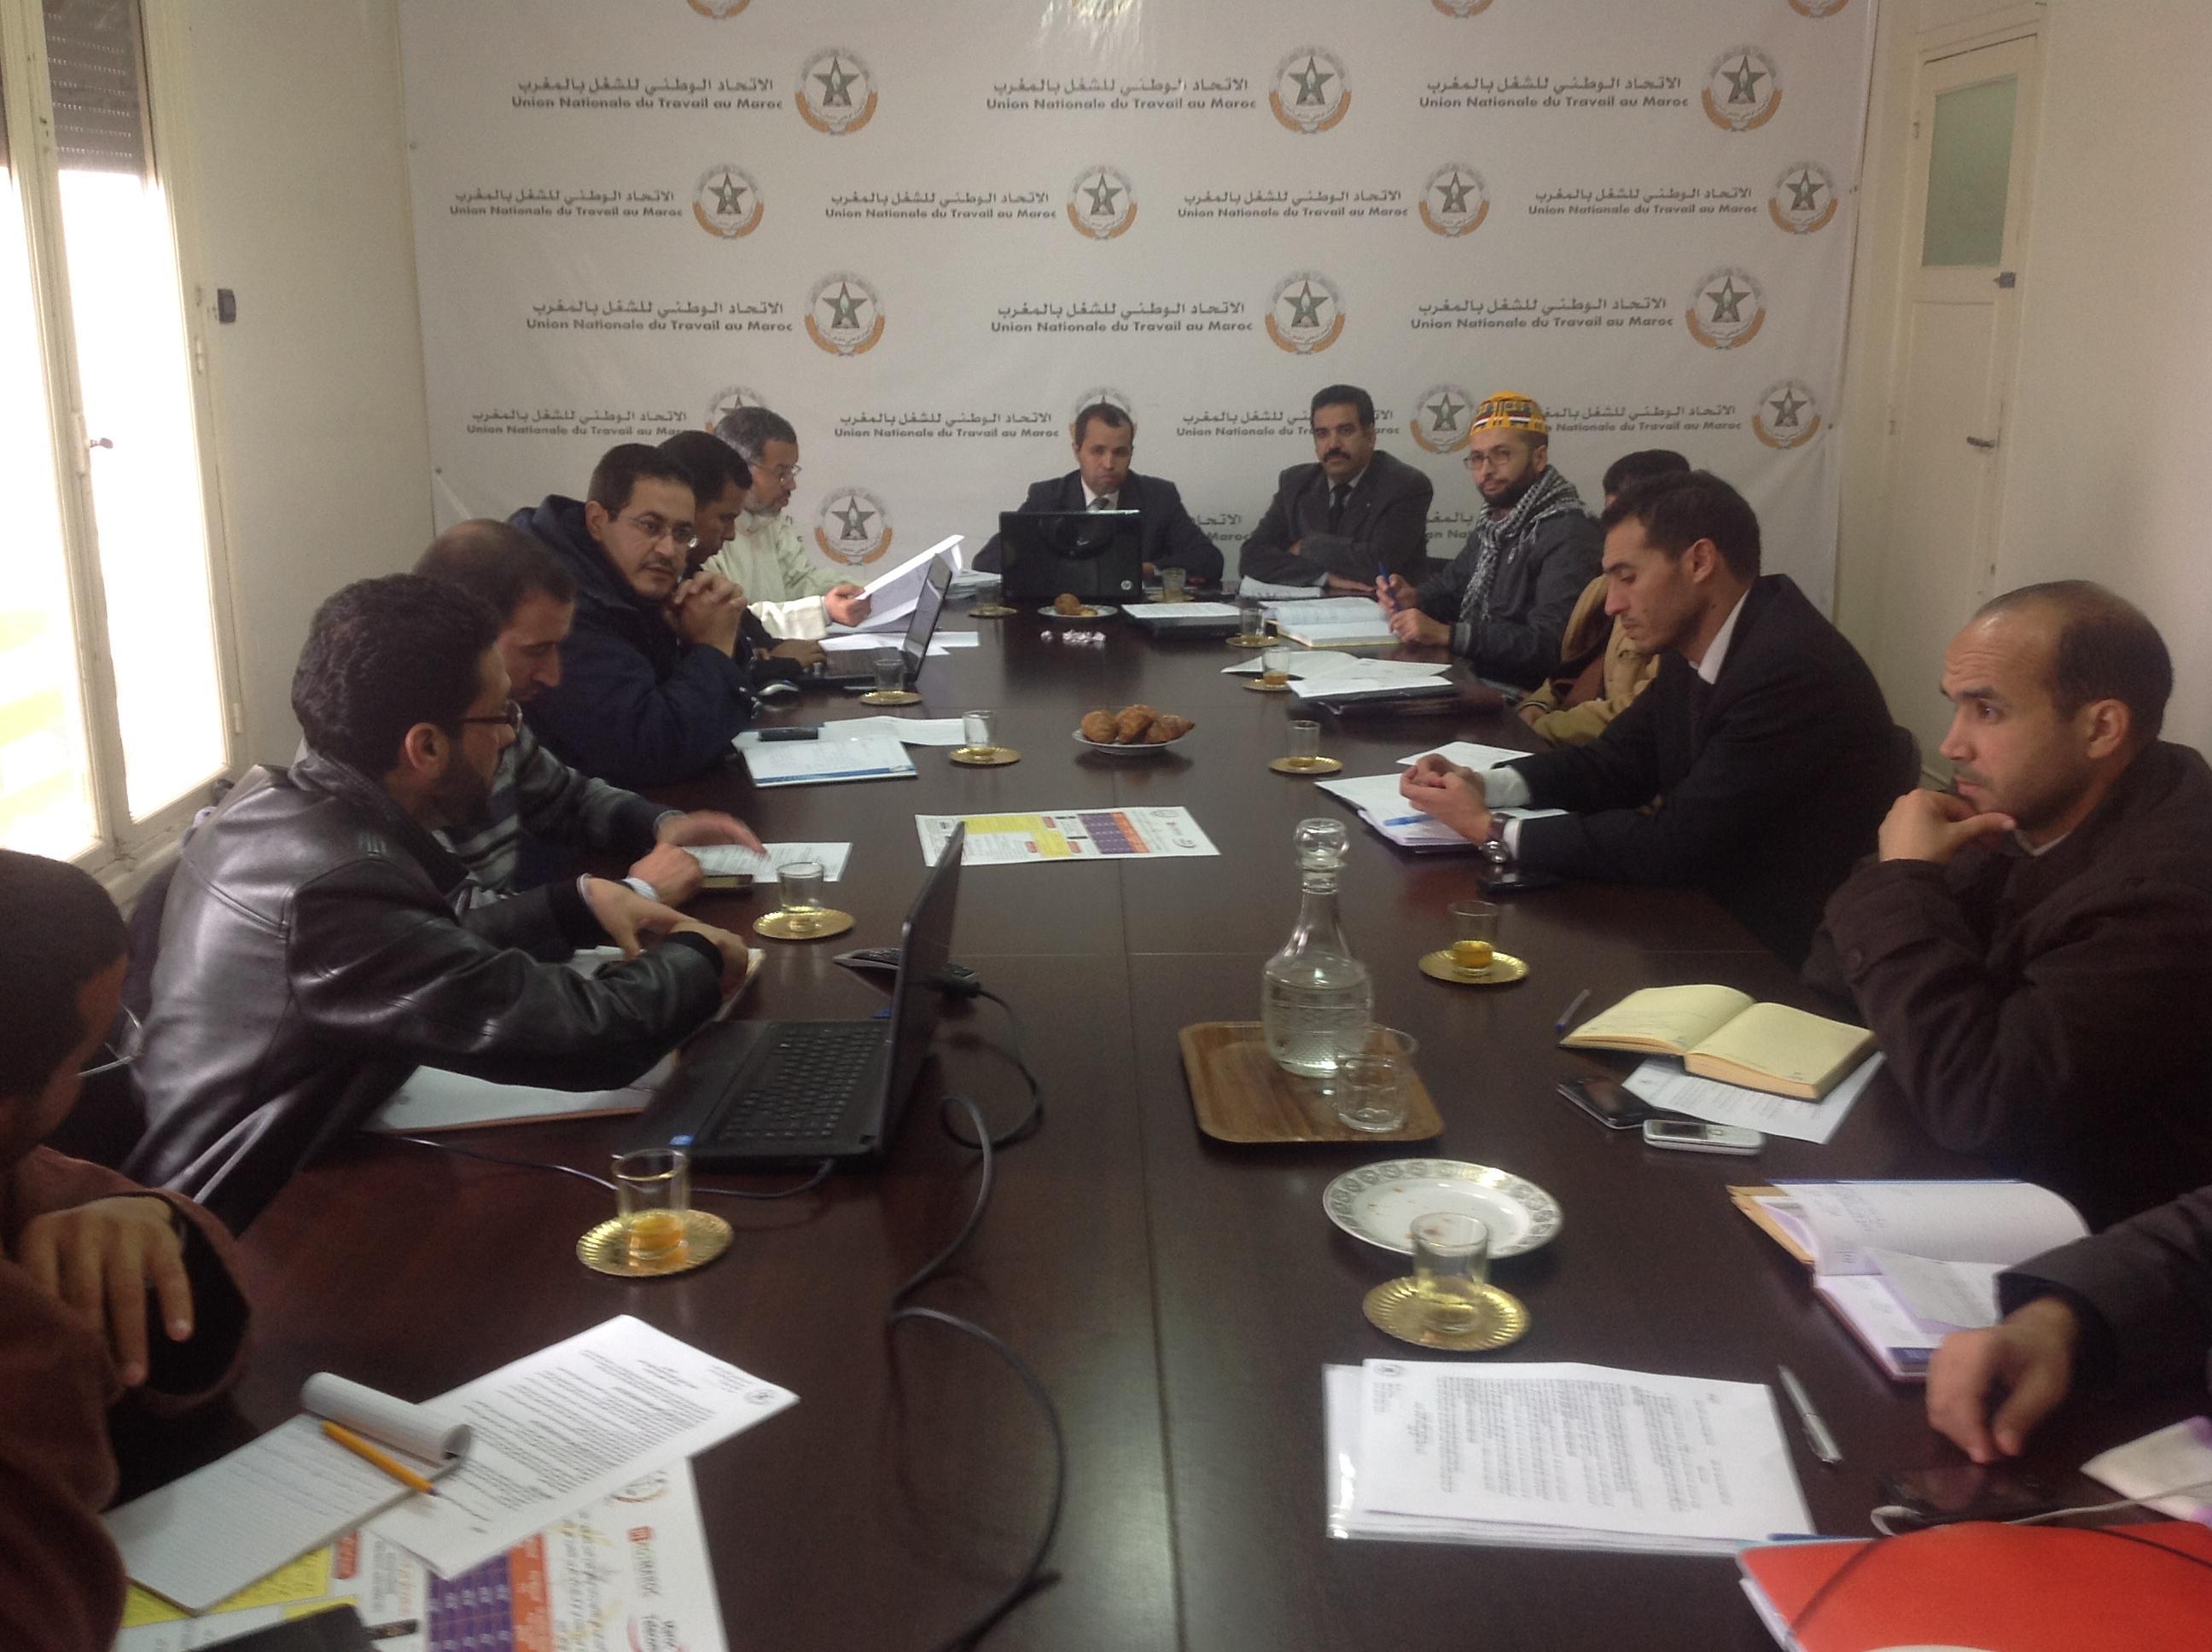 المكتب الوطني للجامعة يعقد جلسة خاصة مع وزارة العدل بخصوص تنزيل الميثاق ويتابع الأوضاع التنظيمية والقطاعية